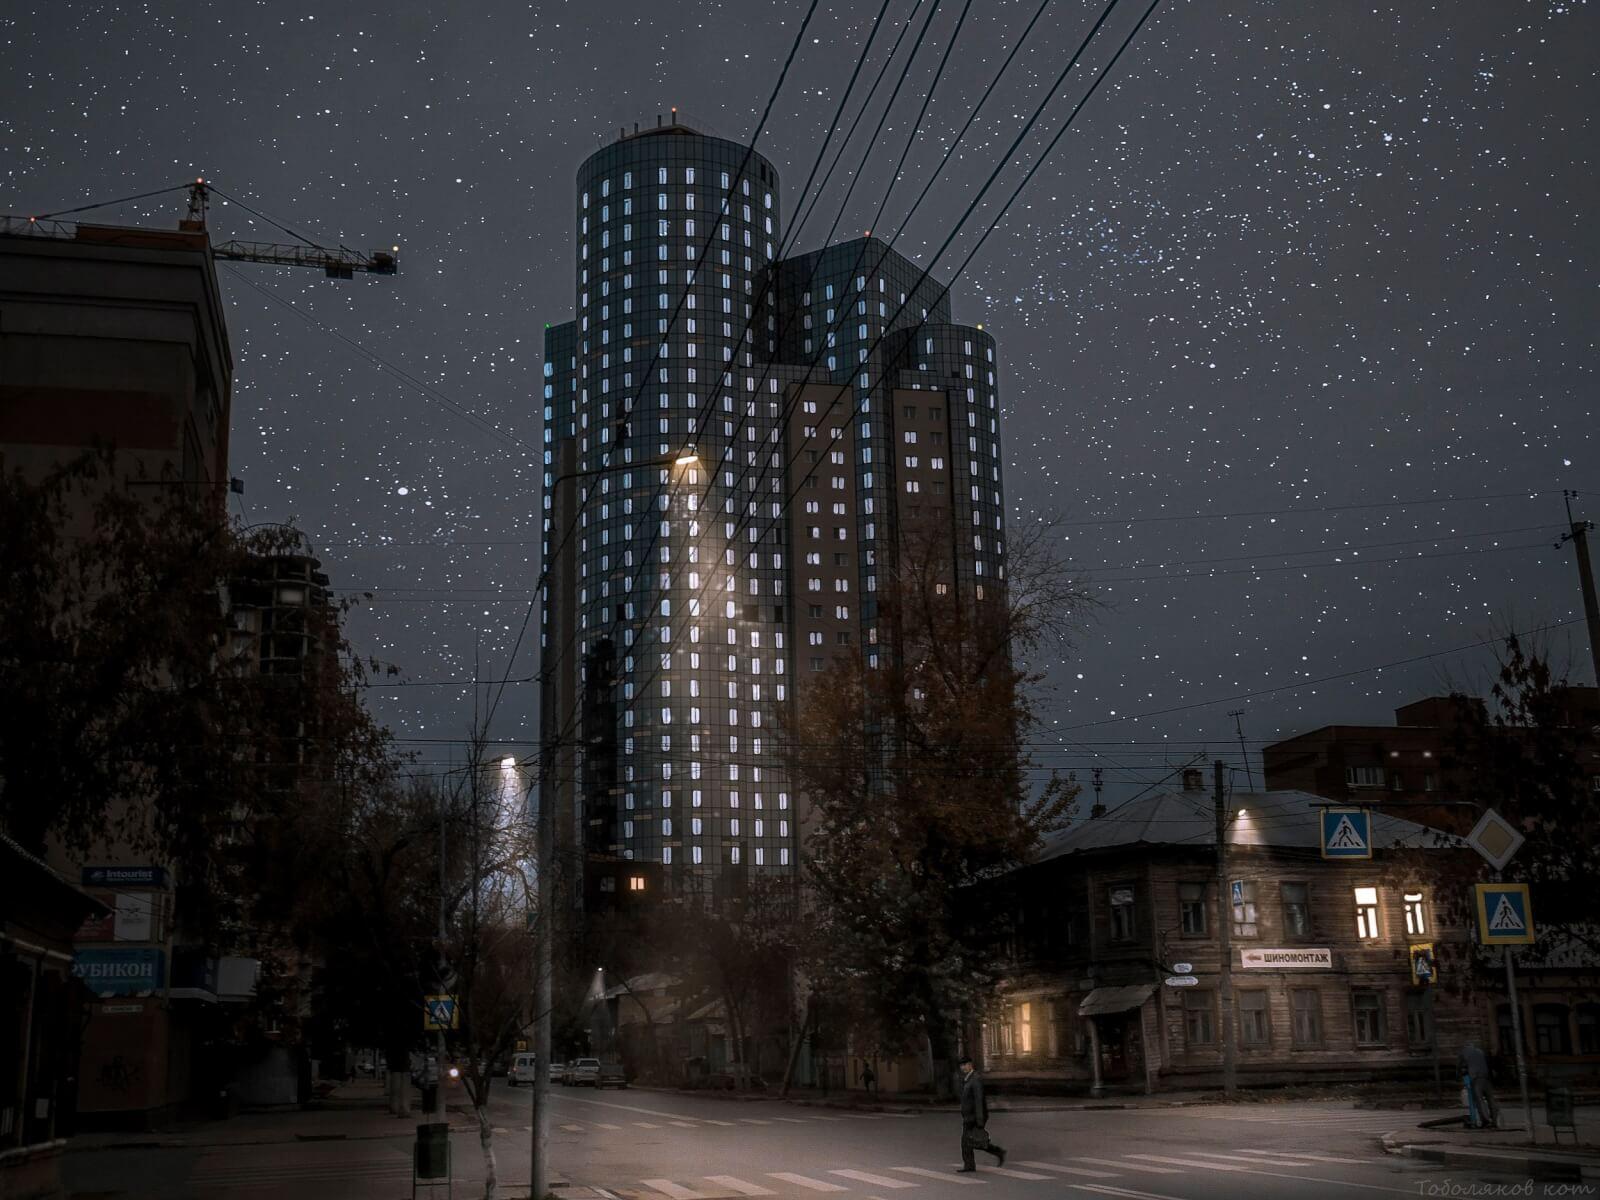 """""""Ночь. Улица. Фонарь."""" ночная экскурсия по городу"""